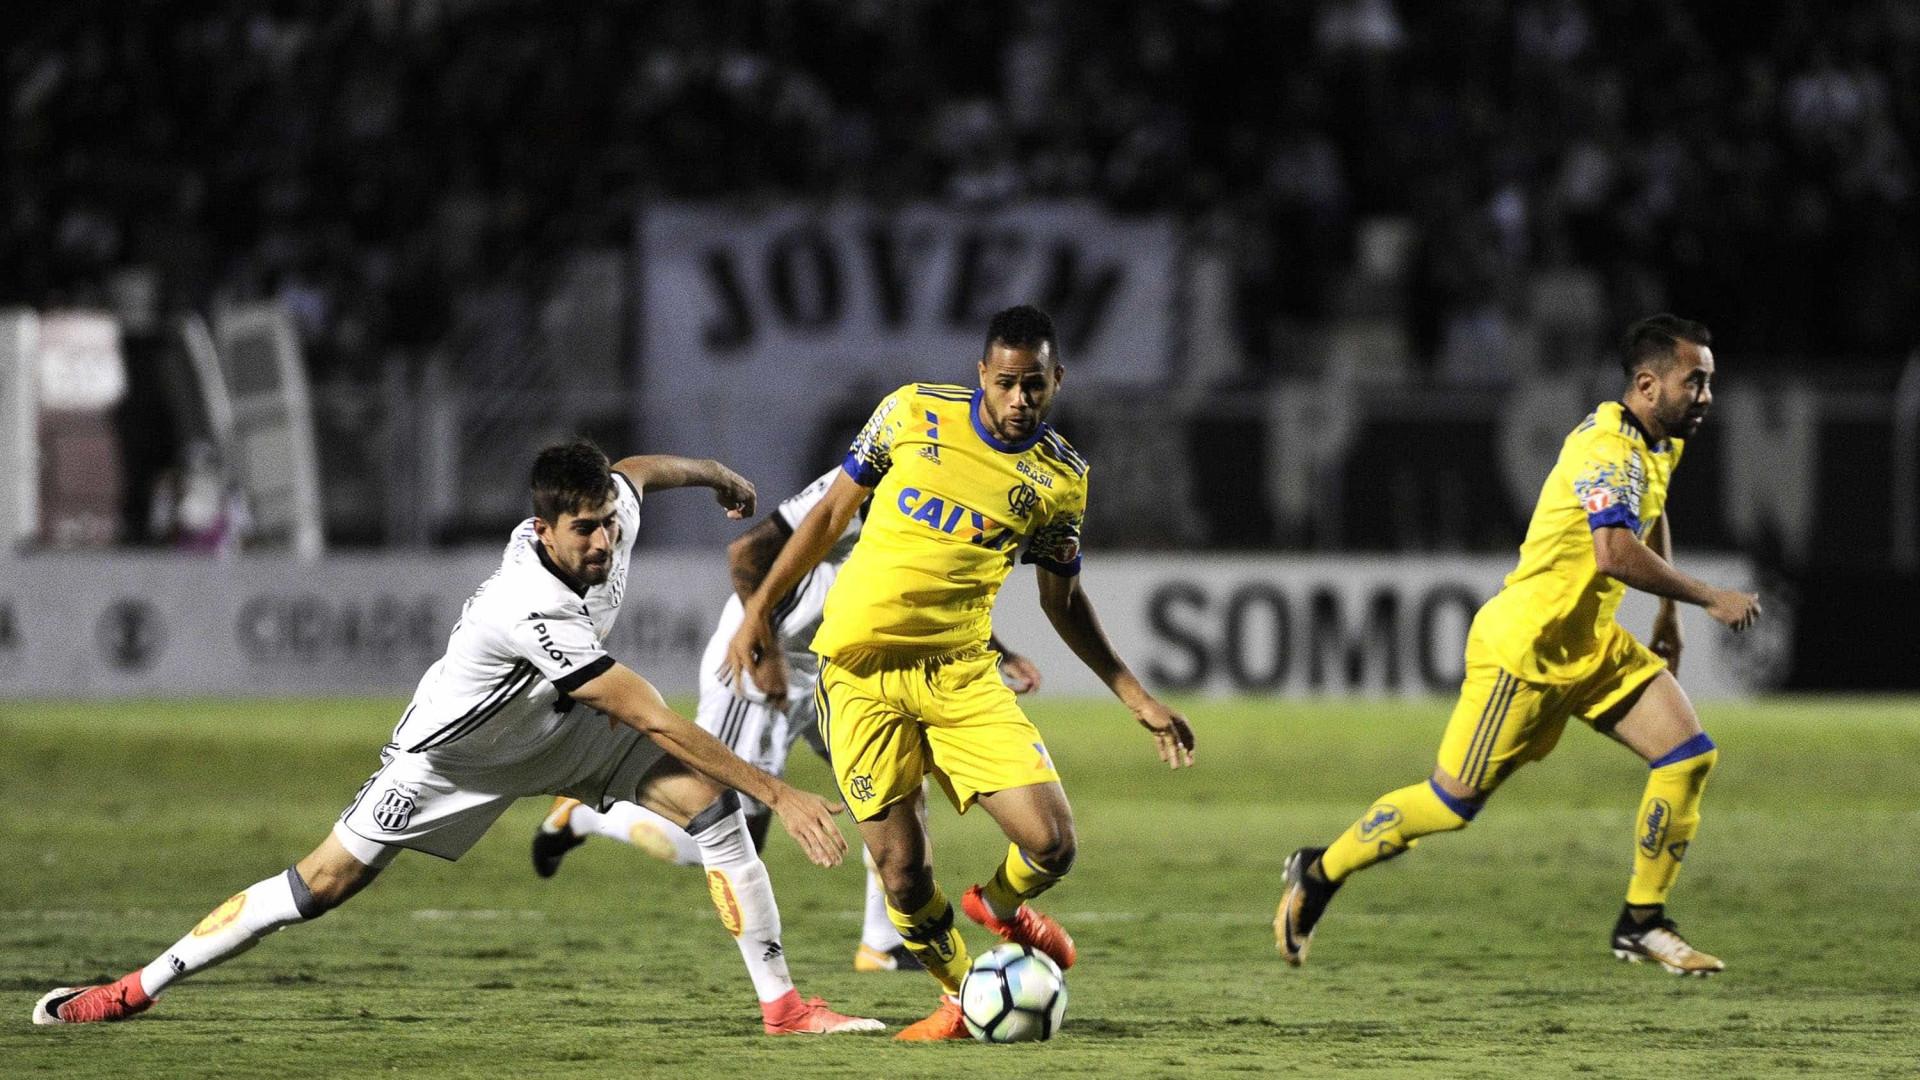 Flamengo perde para Ponte Preta e fica fora do G-6